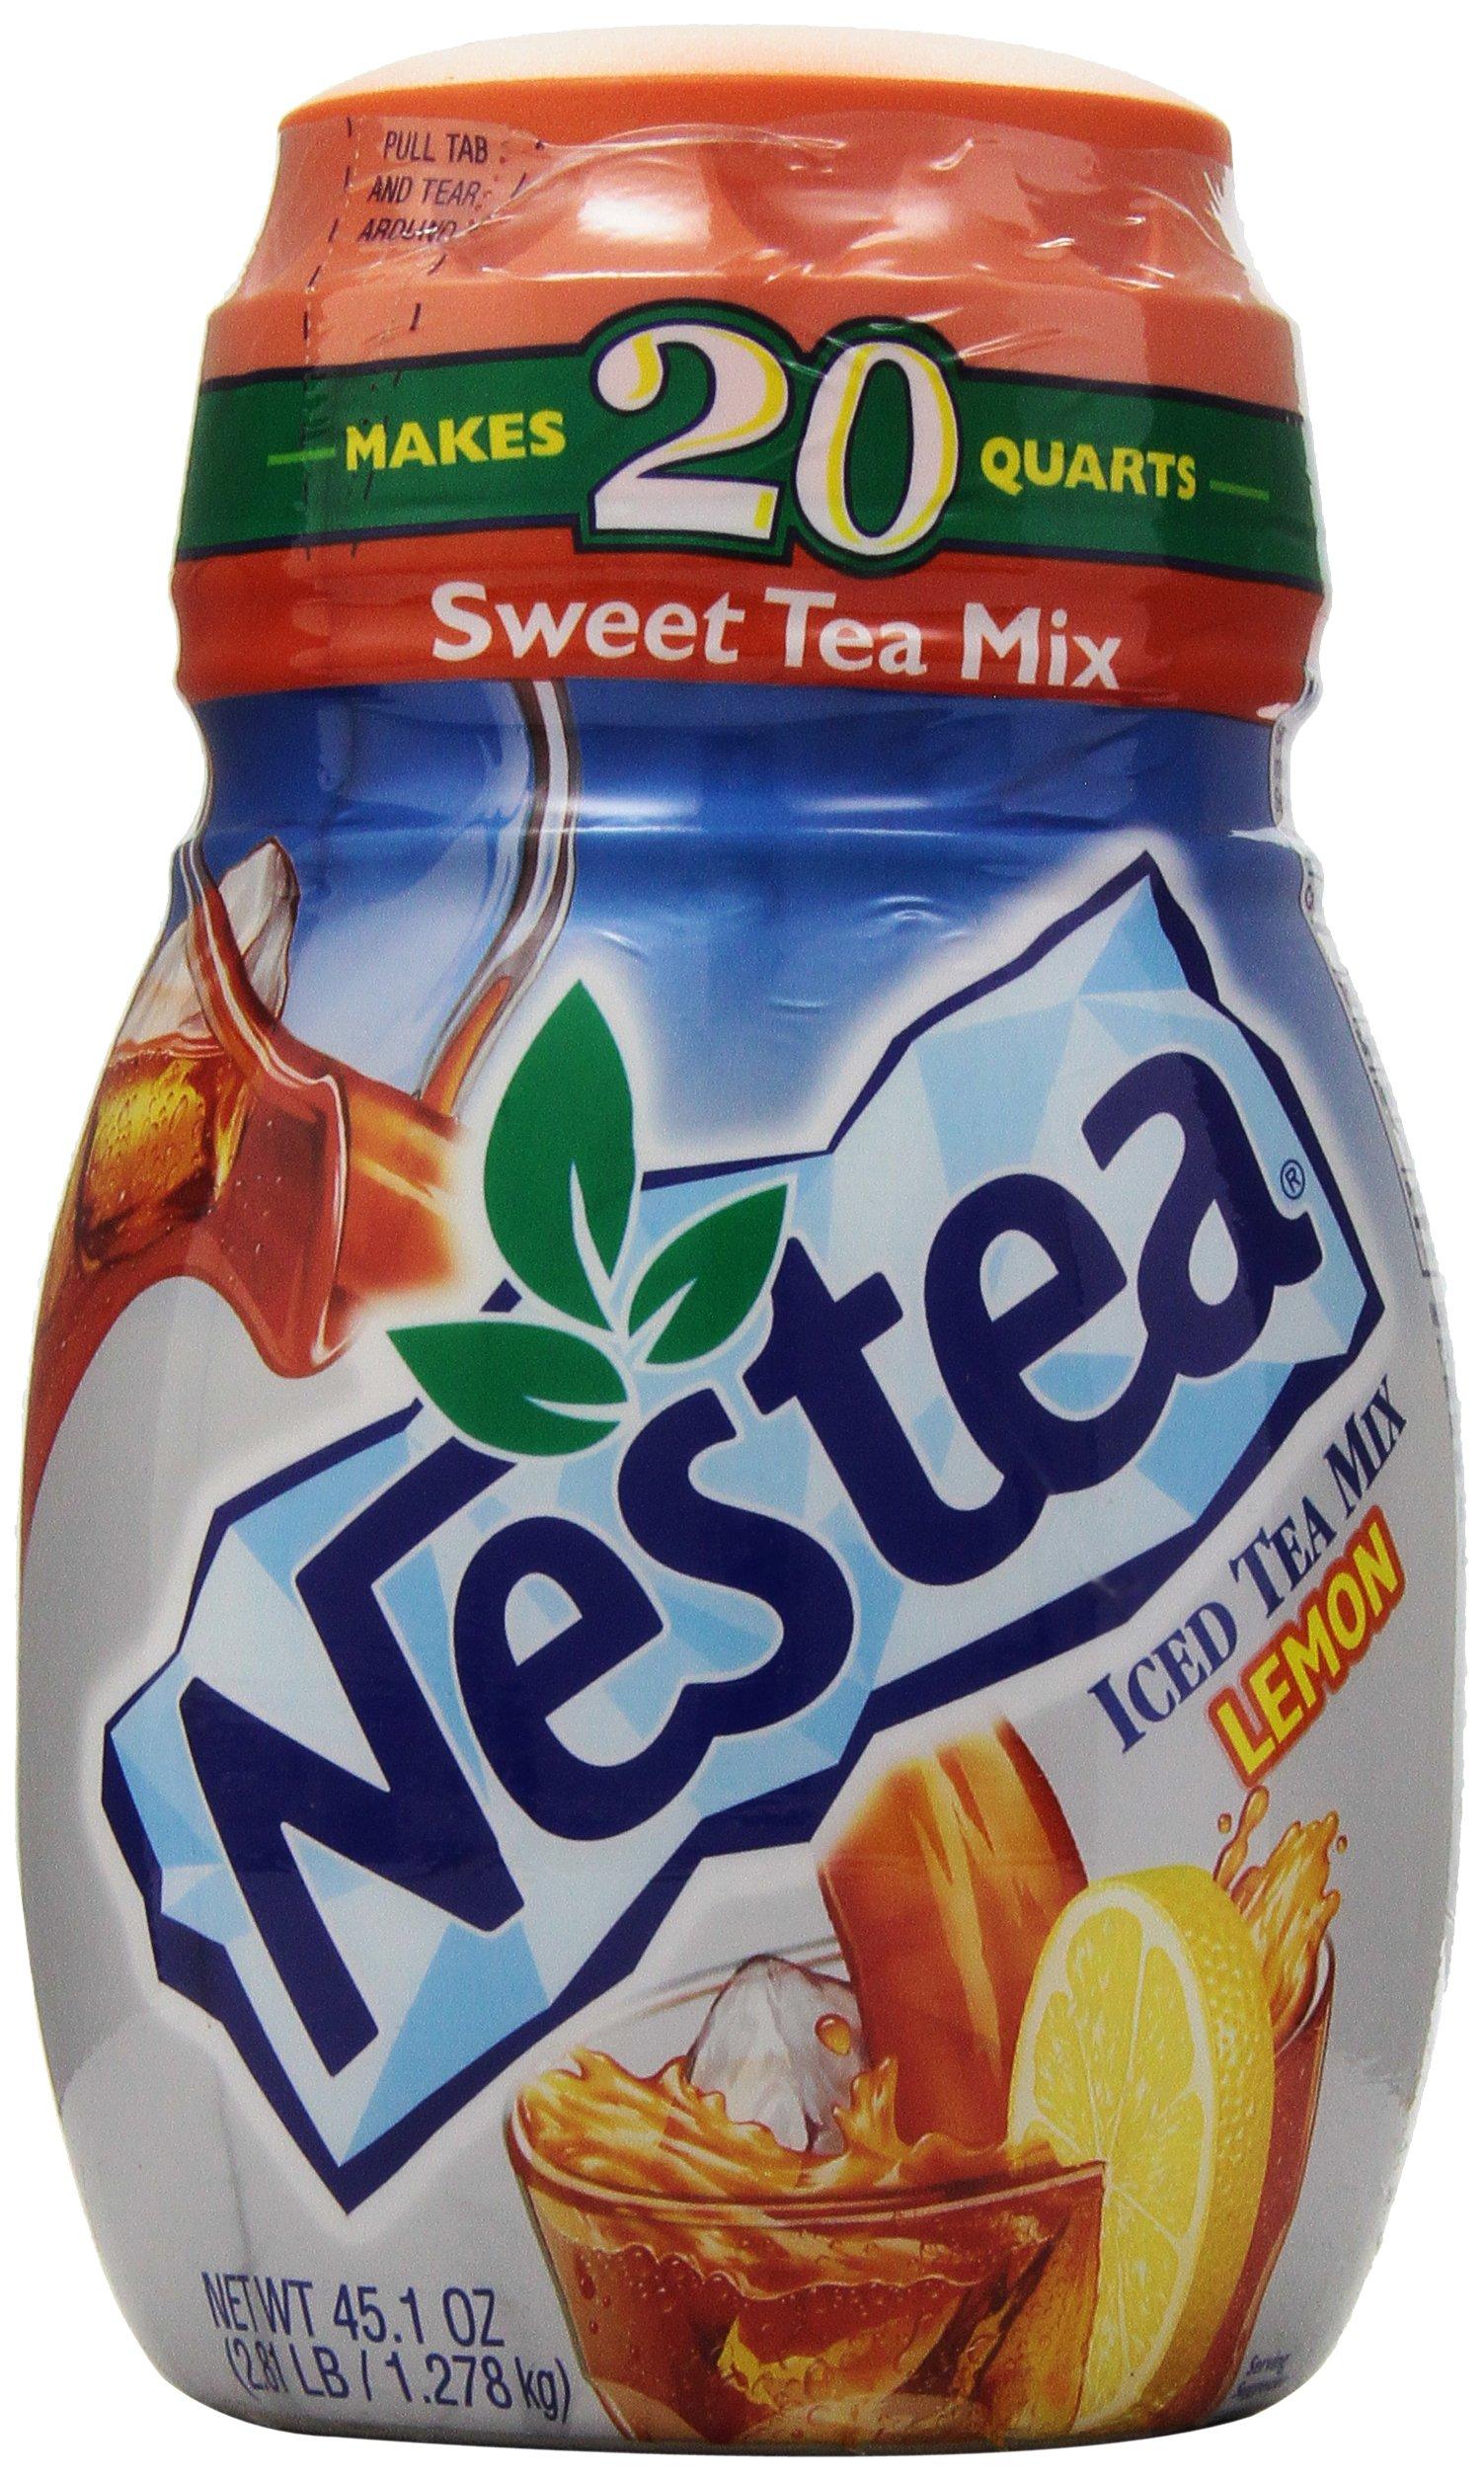 Nestea Sweet Mix Iced Tea, 45.1 oz by Nestea